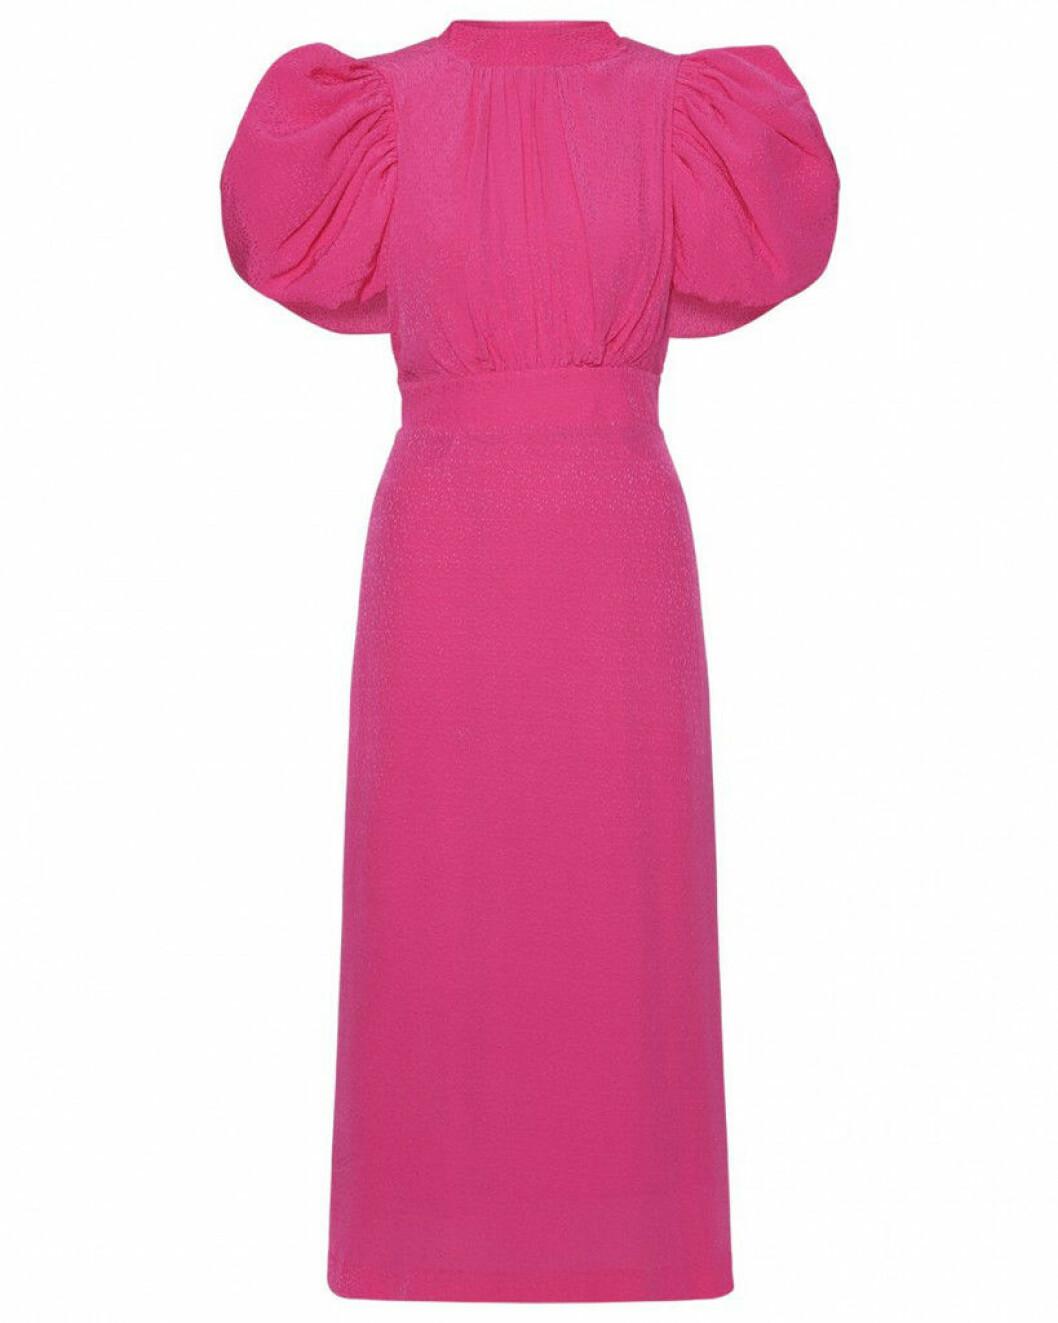 Rosa klänning med puffärmar från Rotate.